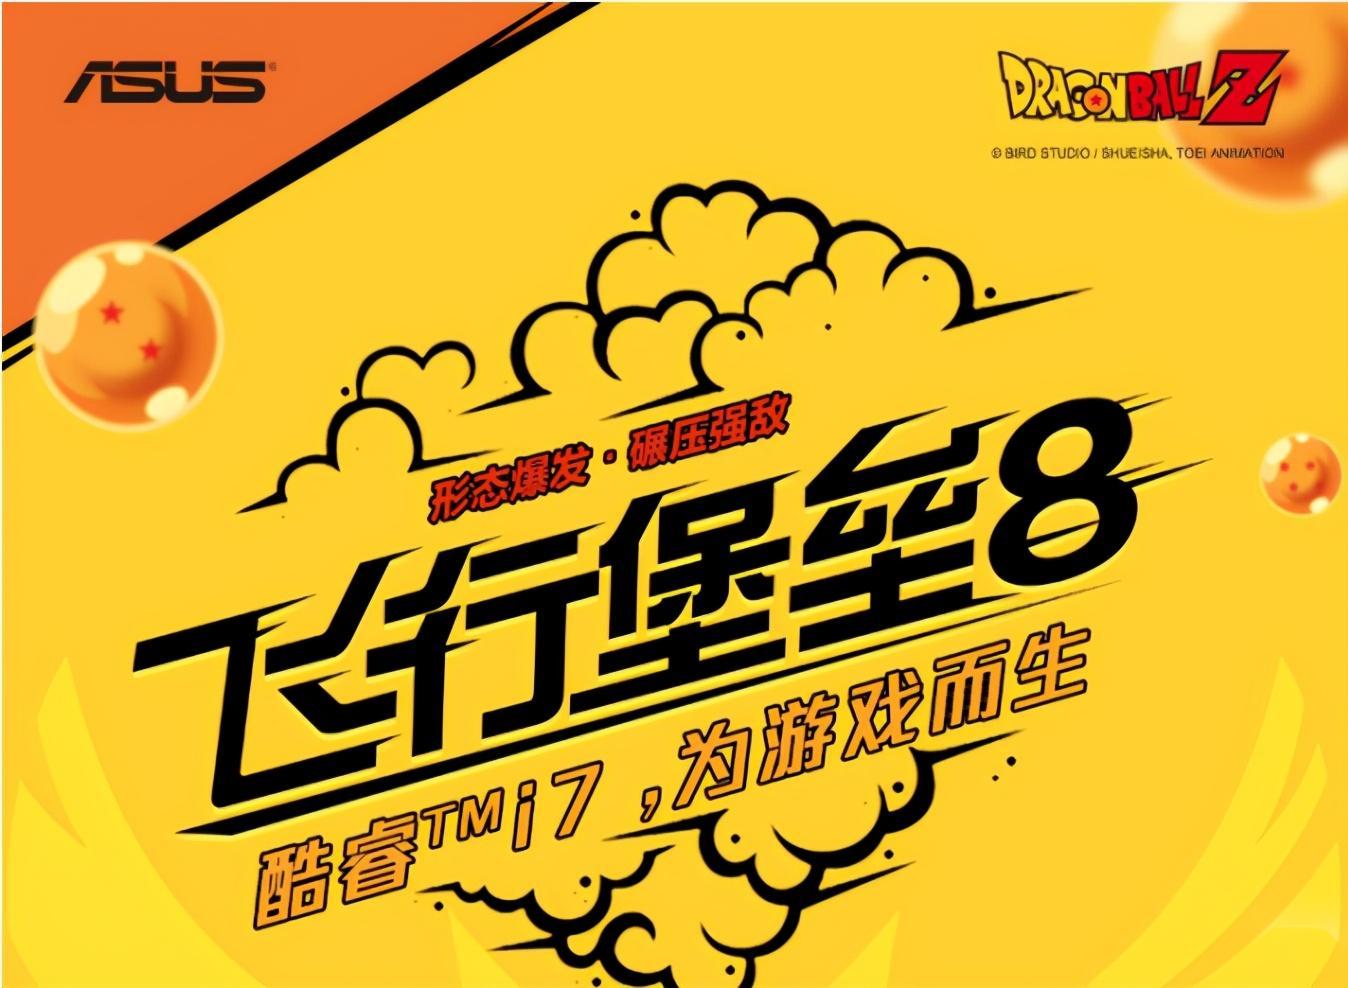 飞行堡垒8龙珠联名版发布;群晖DS1621+发布